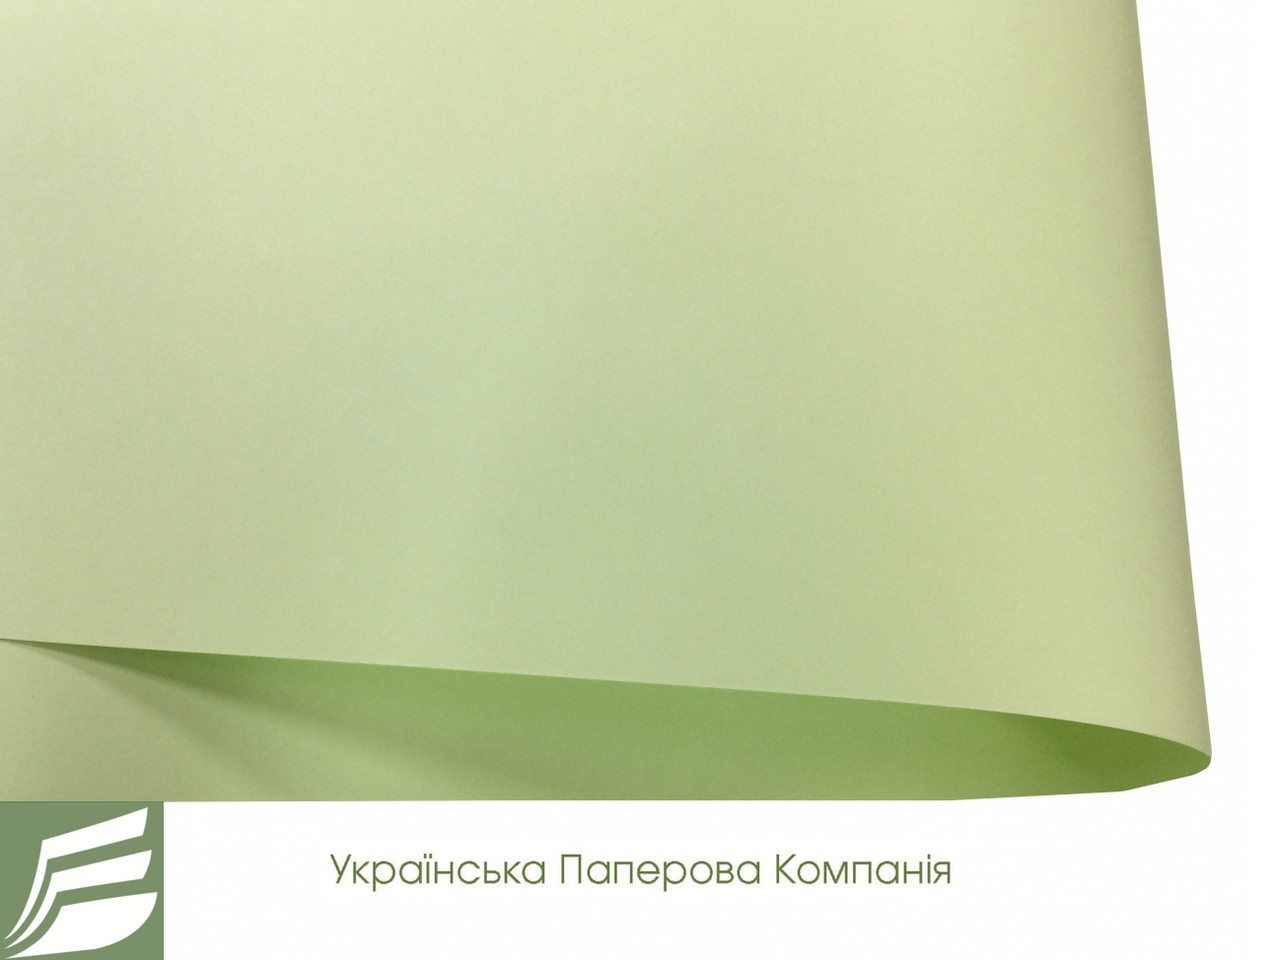 Дизайнерская бумага Hyacinth Inspiration салатовя, 110 гр/м2